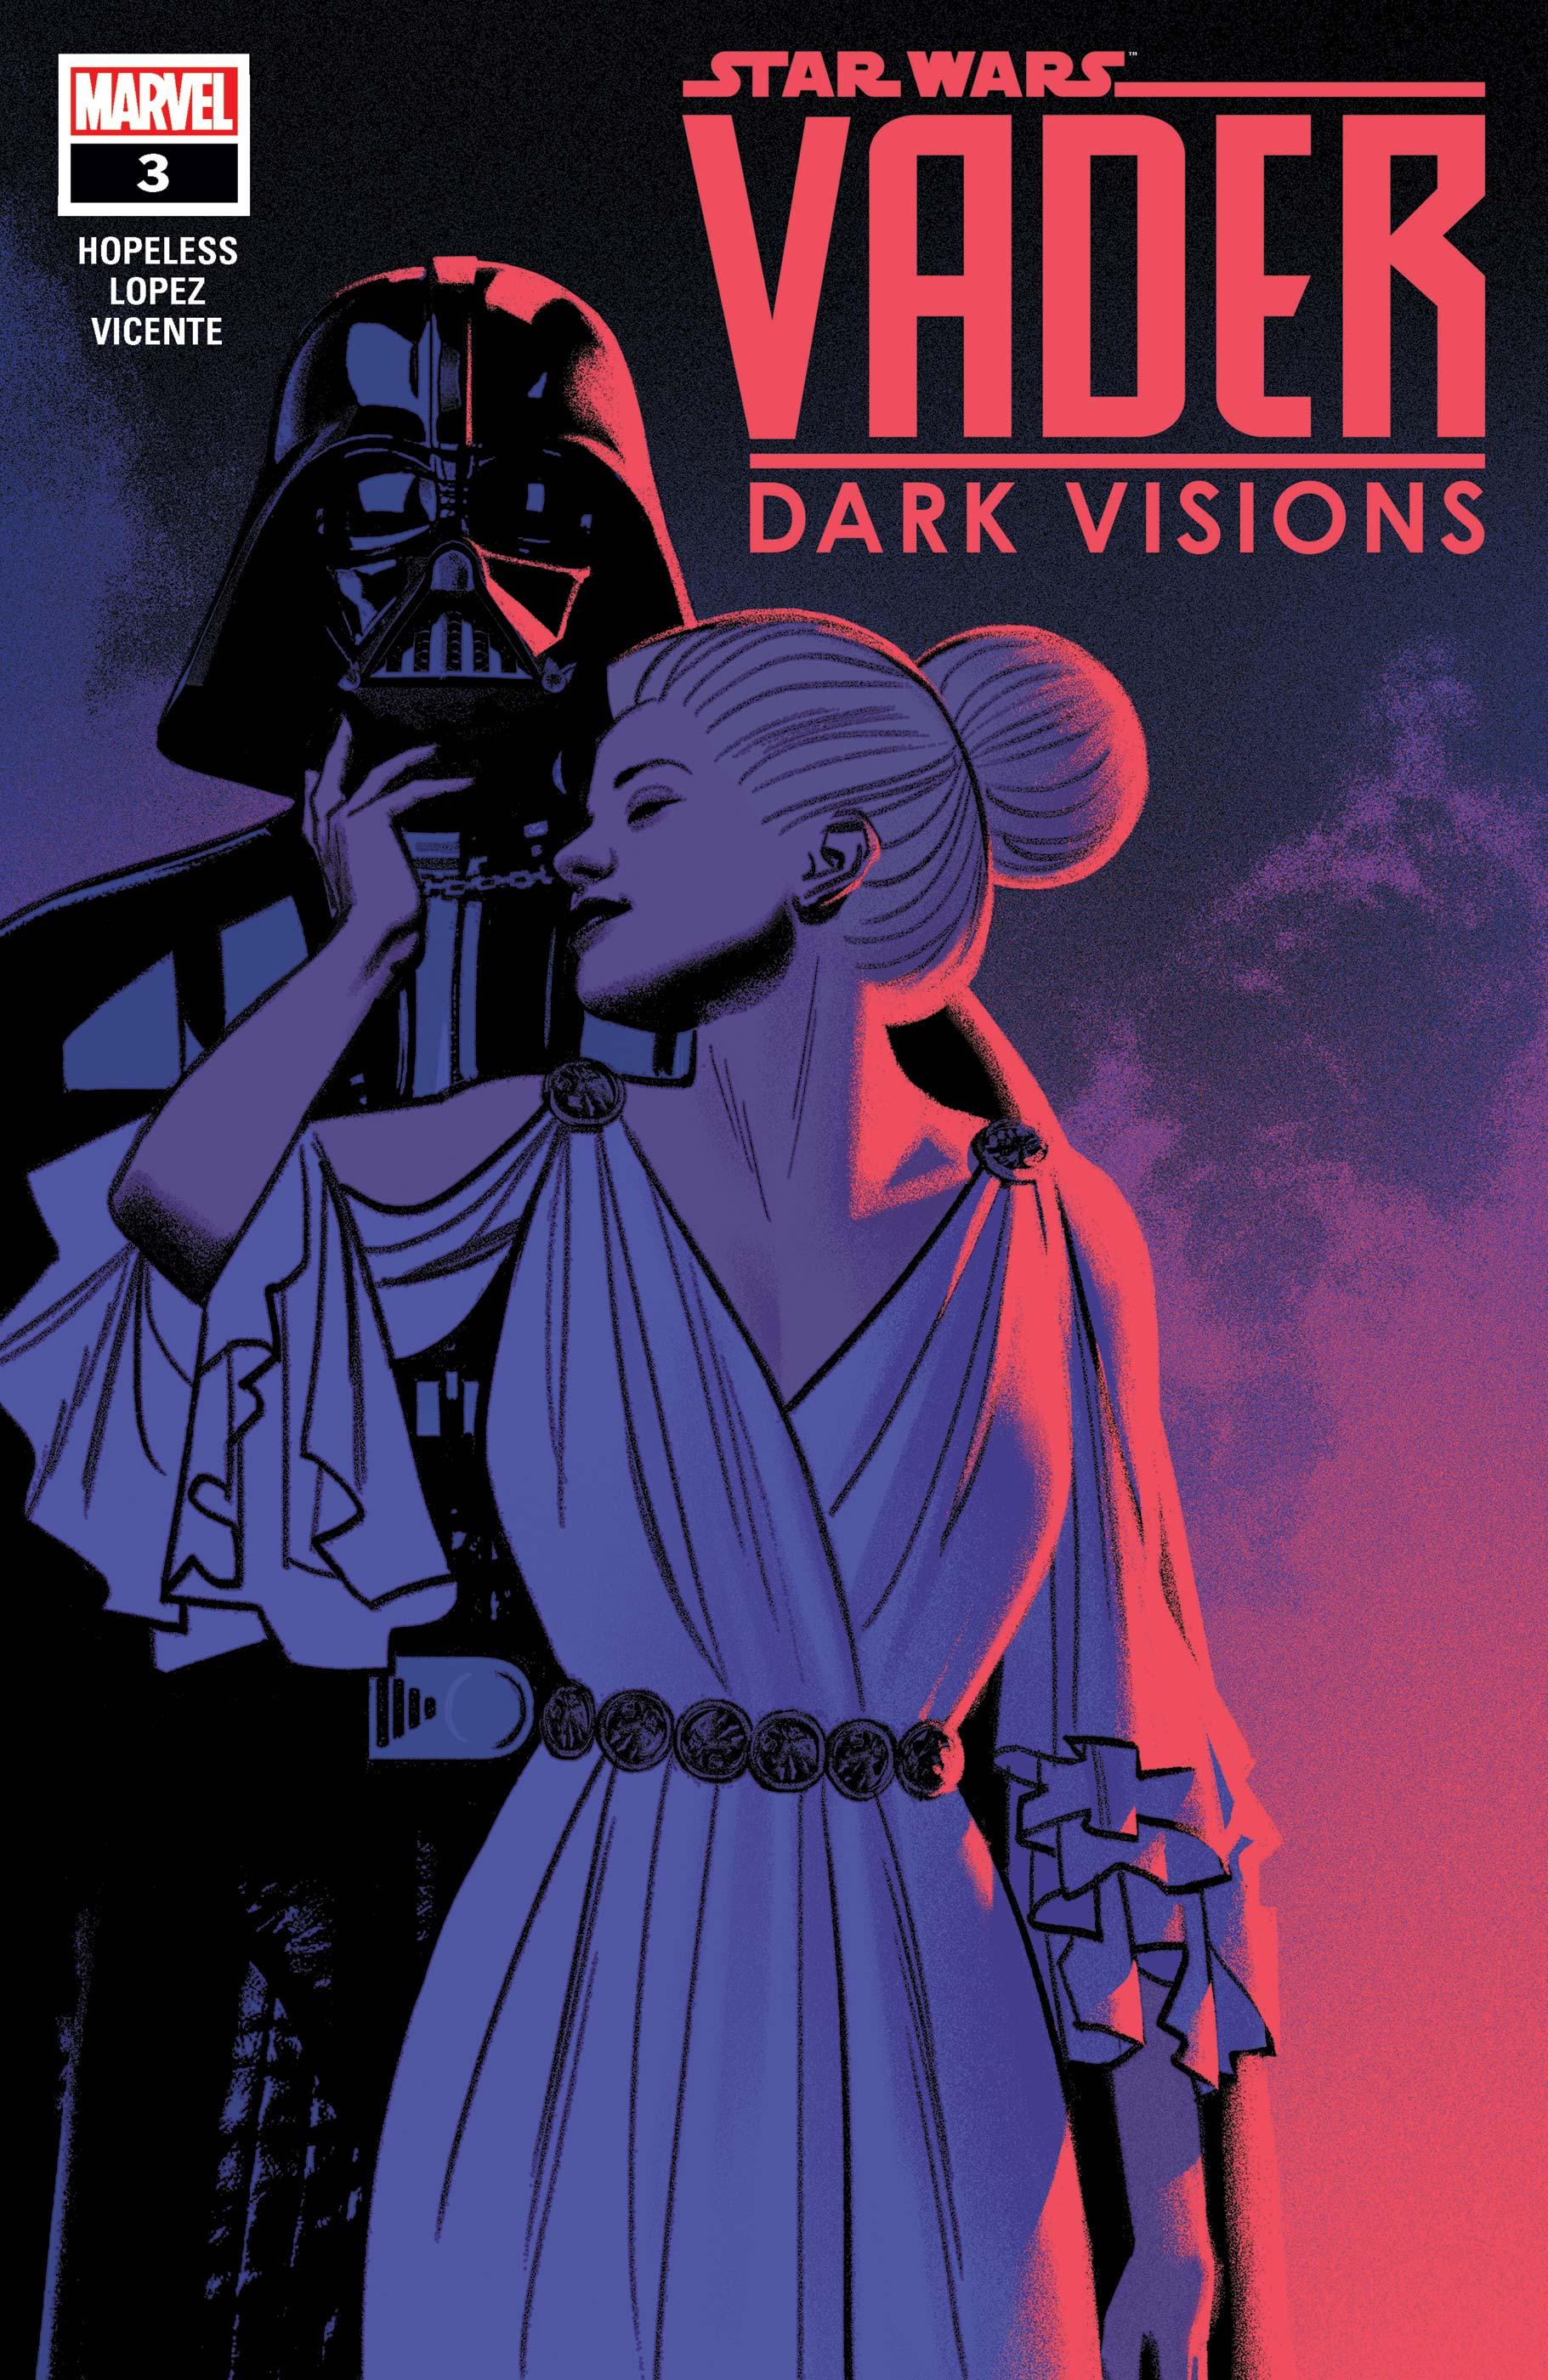 Star Wars: Vader - Dark Visions (2019) #3